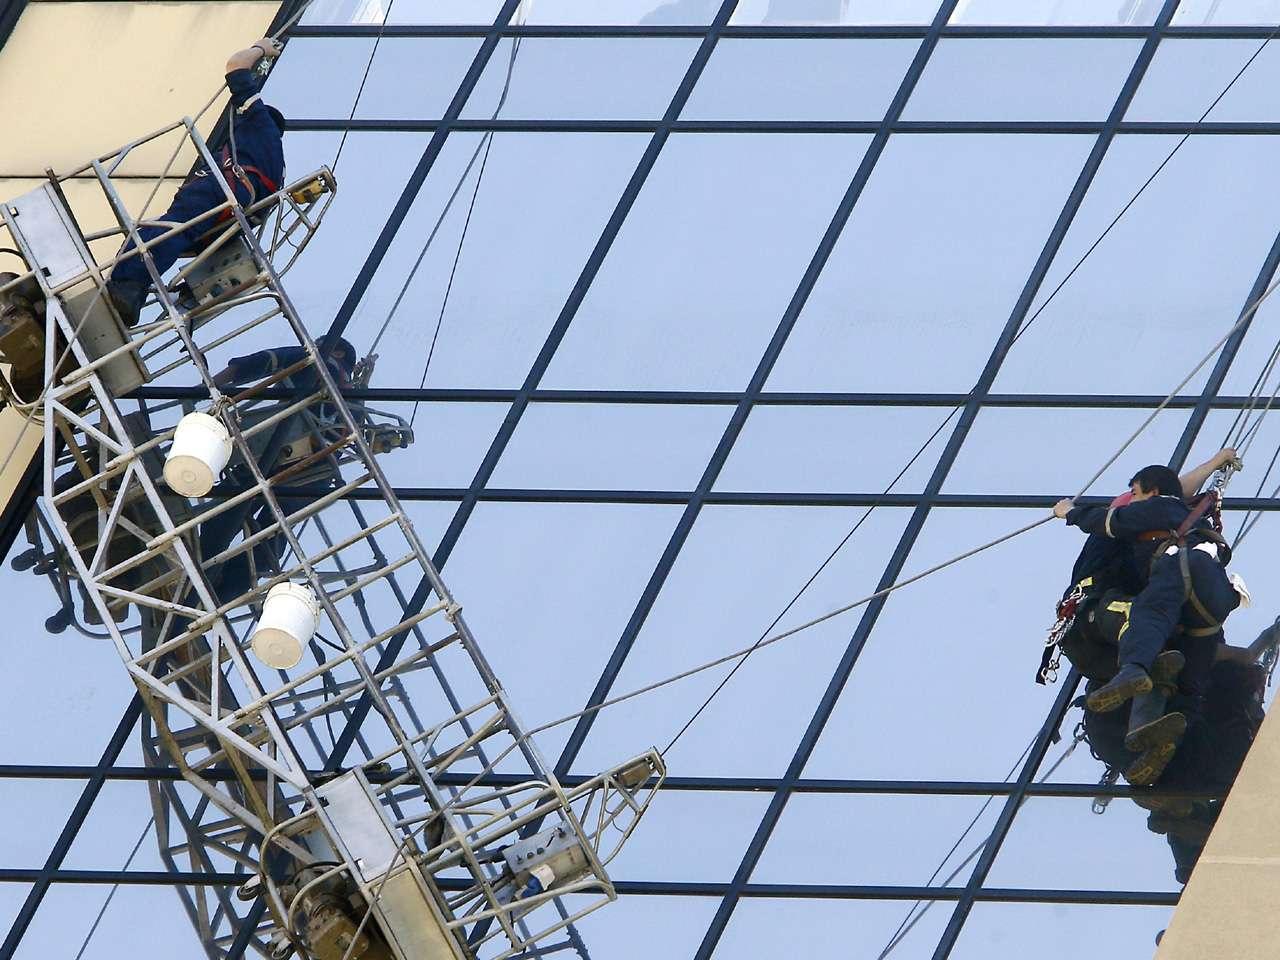 Un equipo de bomberos rescató hoy a dos trabajadores que pasaron una hora colgados a unos 70 metros de altura en la fachada de un céntrico hotel en Santiago de Chile, después de que cediera el andamio que los sujetaba mientras limpiaban los cristales. Foto: EFE en español